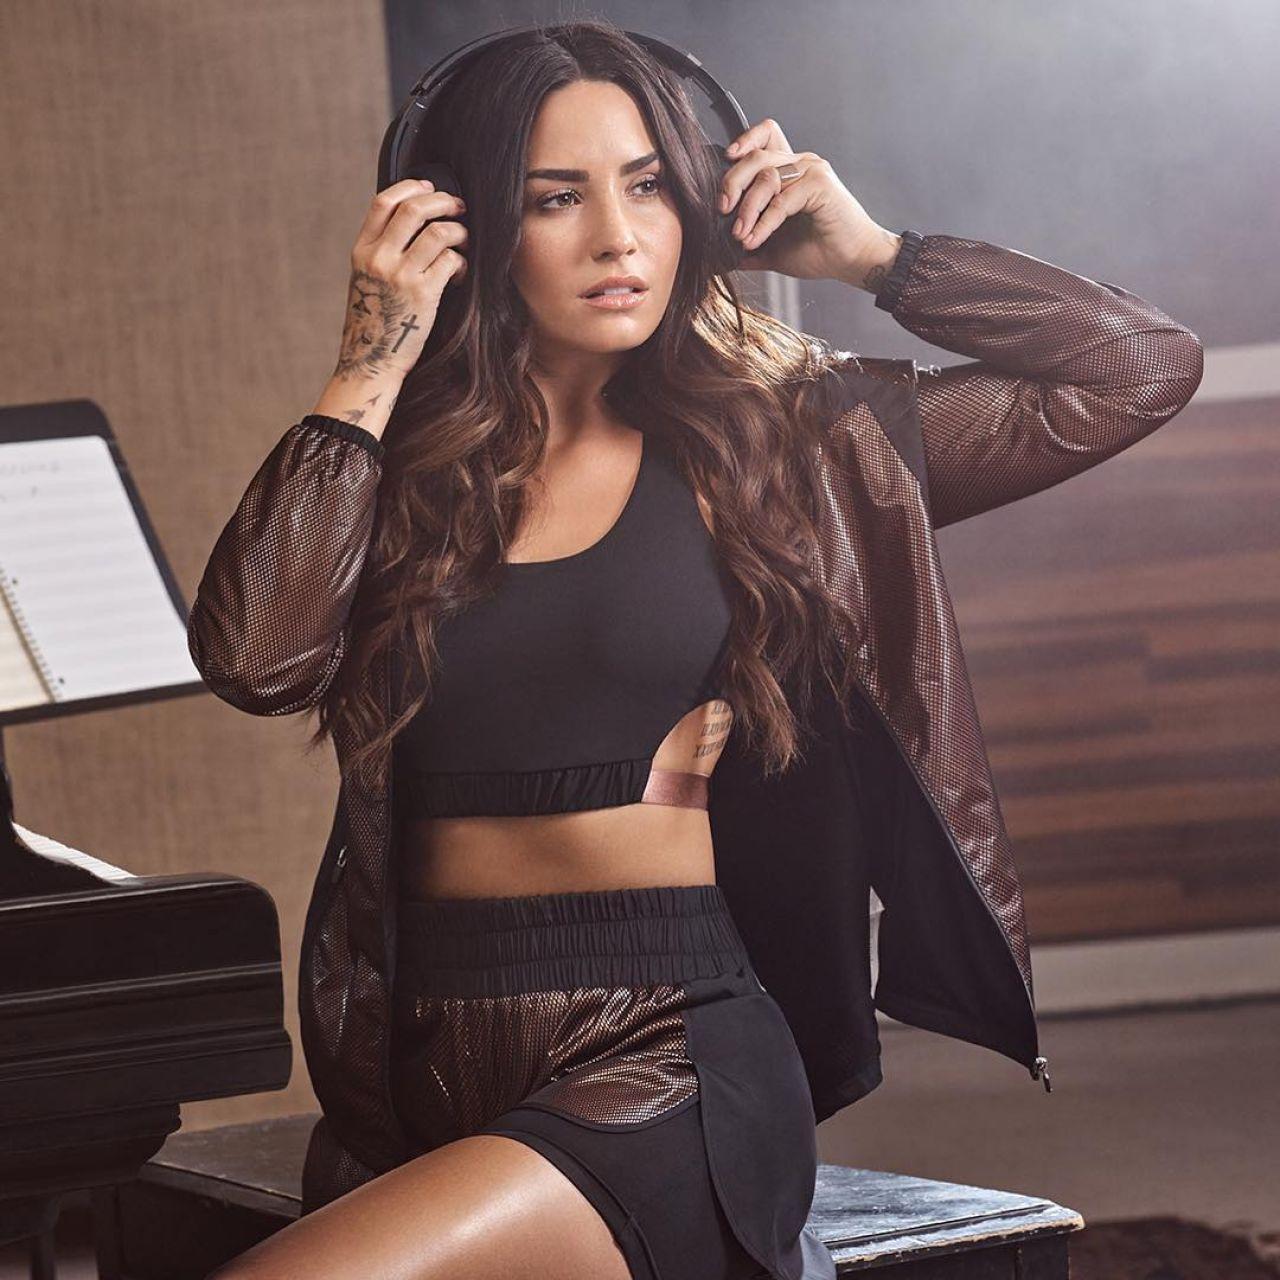 Demi Lovato Wallpaper: Demi Lovato 2018 Wallpapers